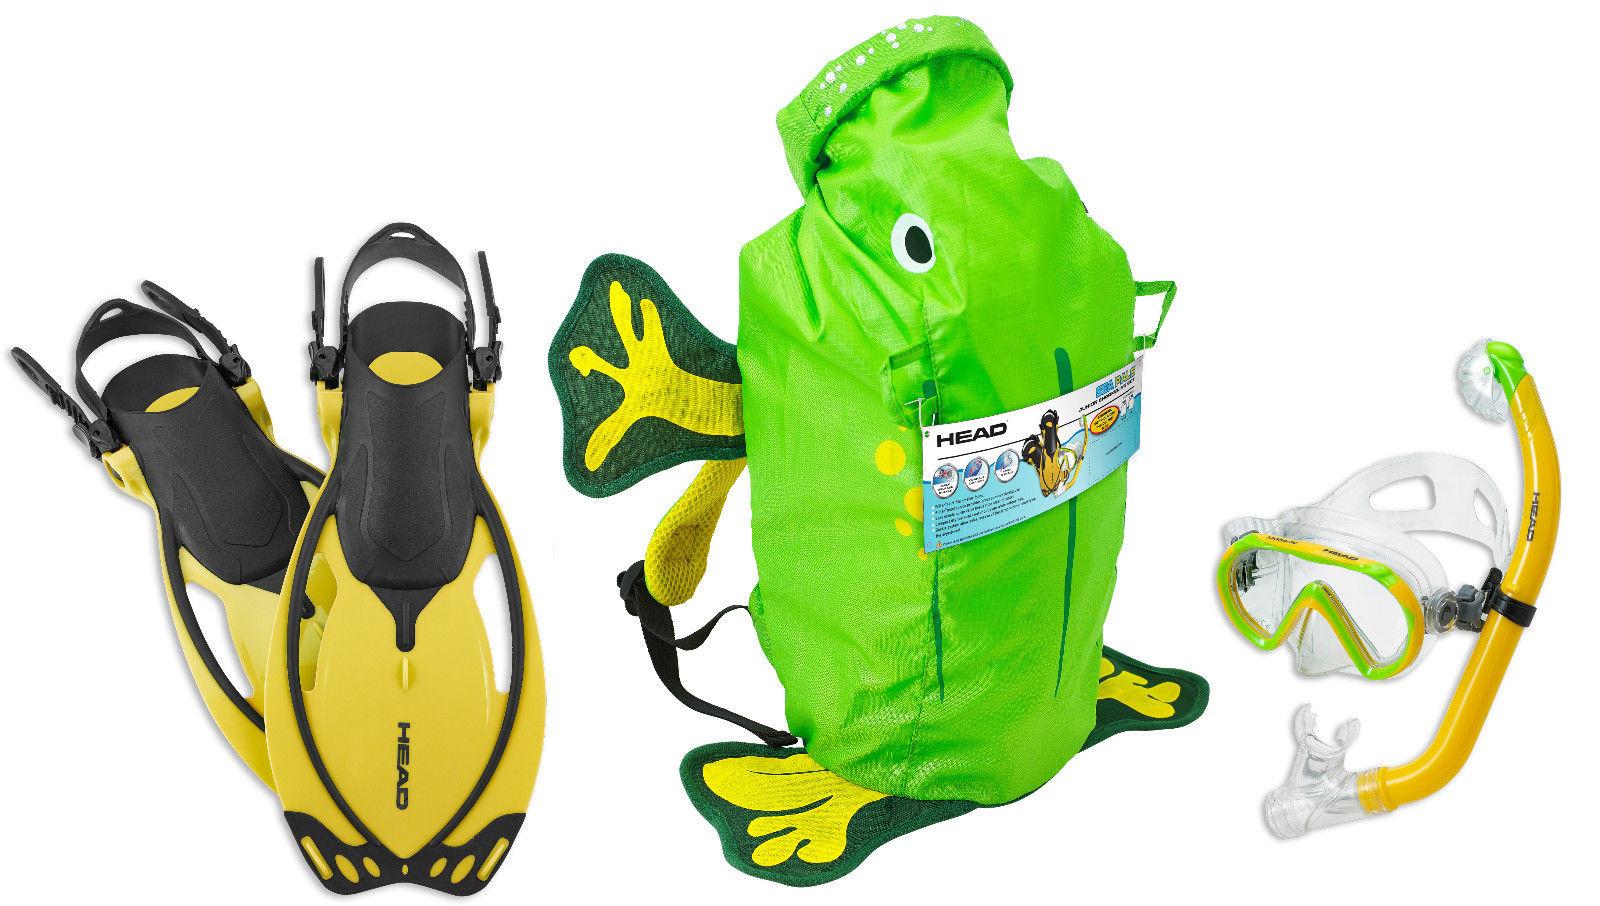 代购 潜水脚蹼 海德小海洋儿童 面镜 潜水脚蹼套装 潜水绿色青蛙